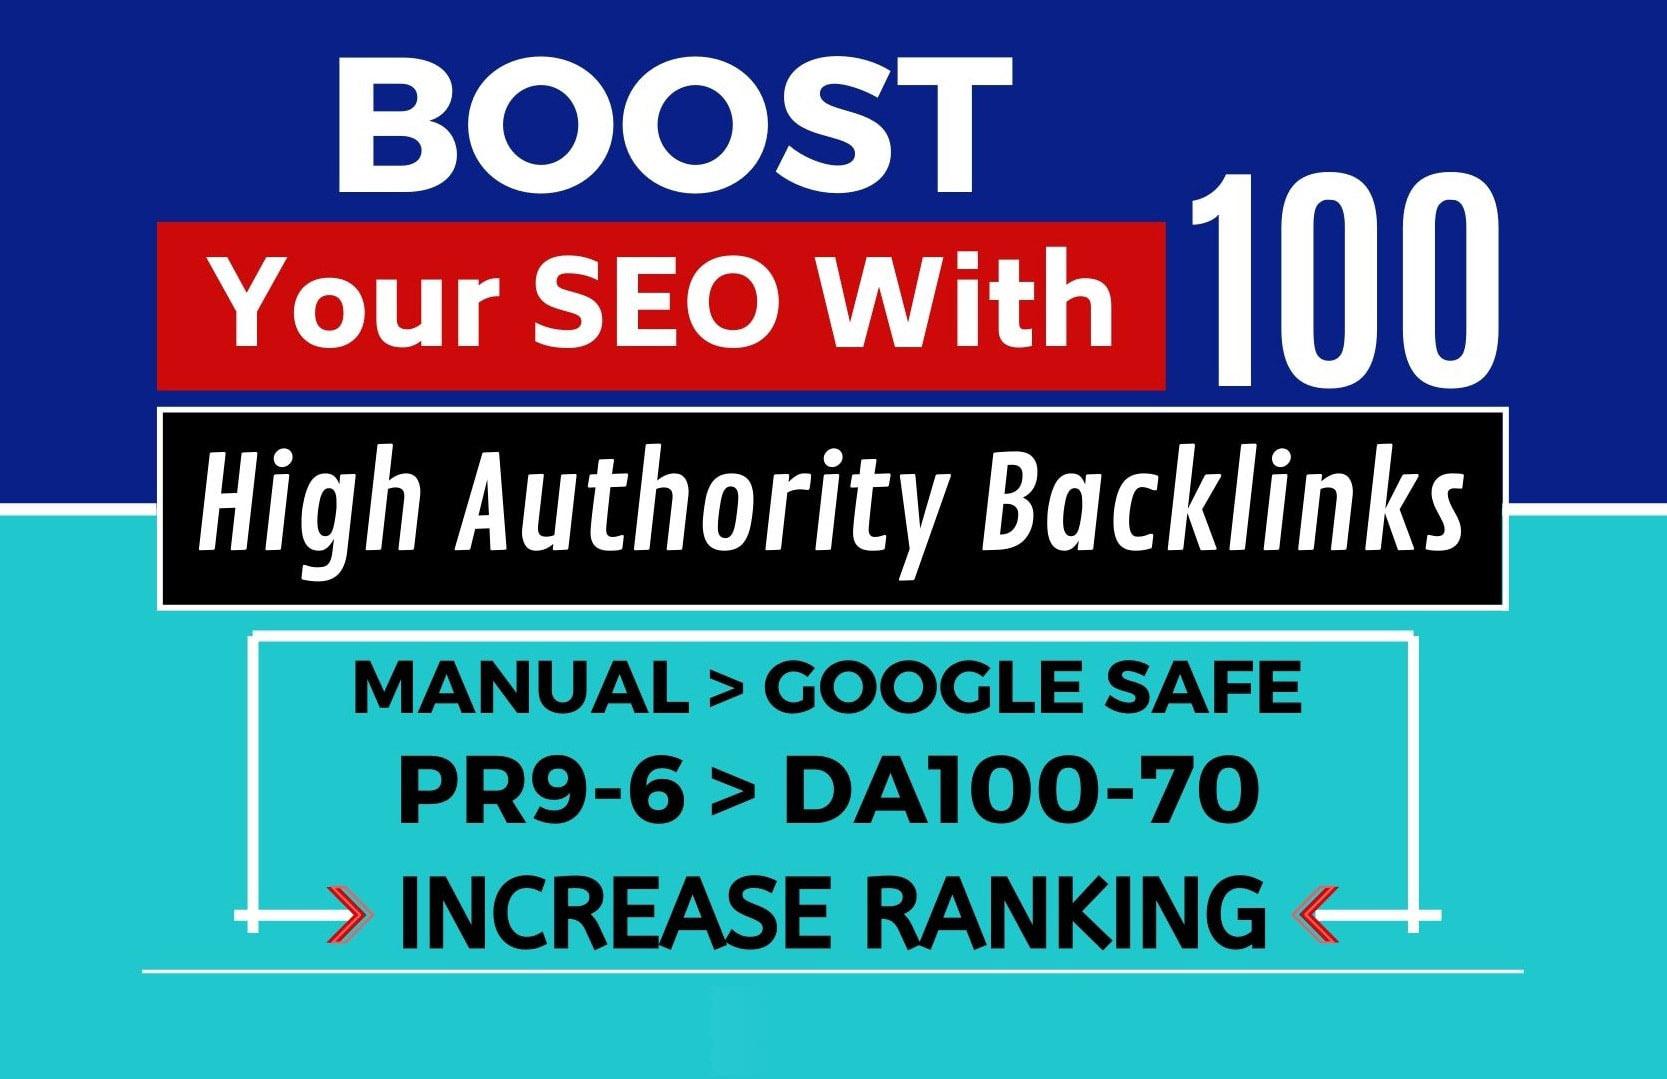 create 100 high da authority backlinks.